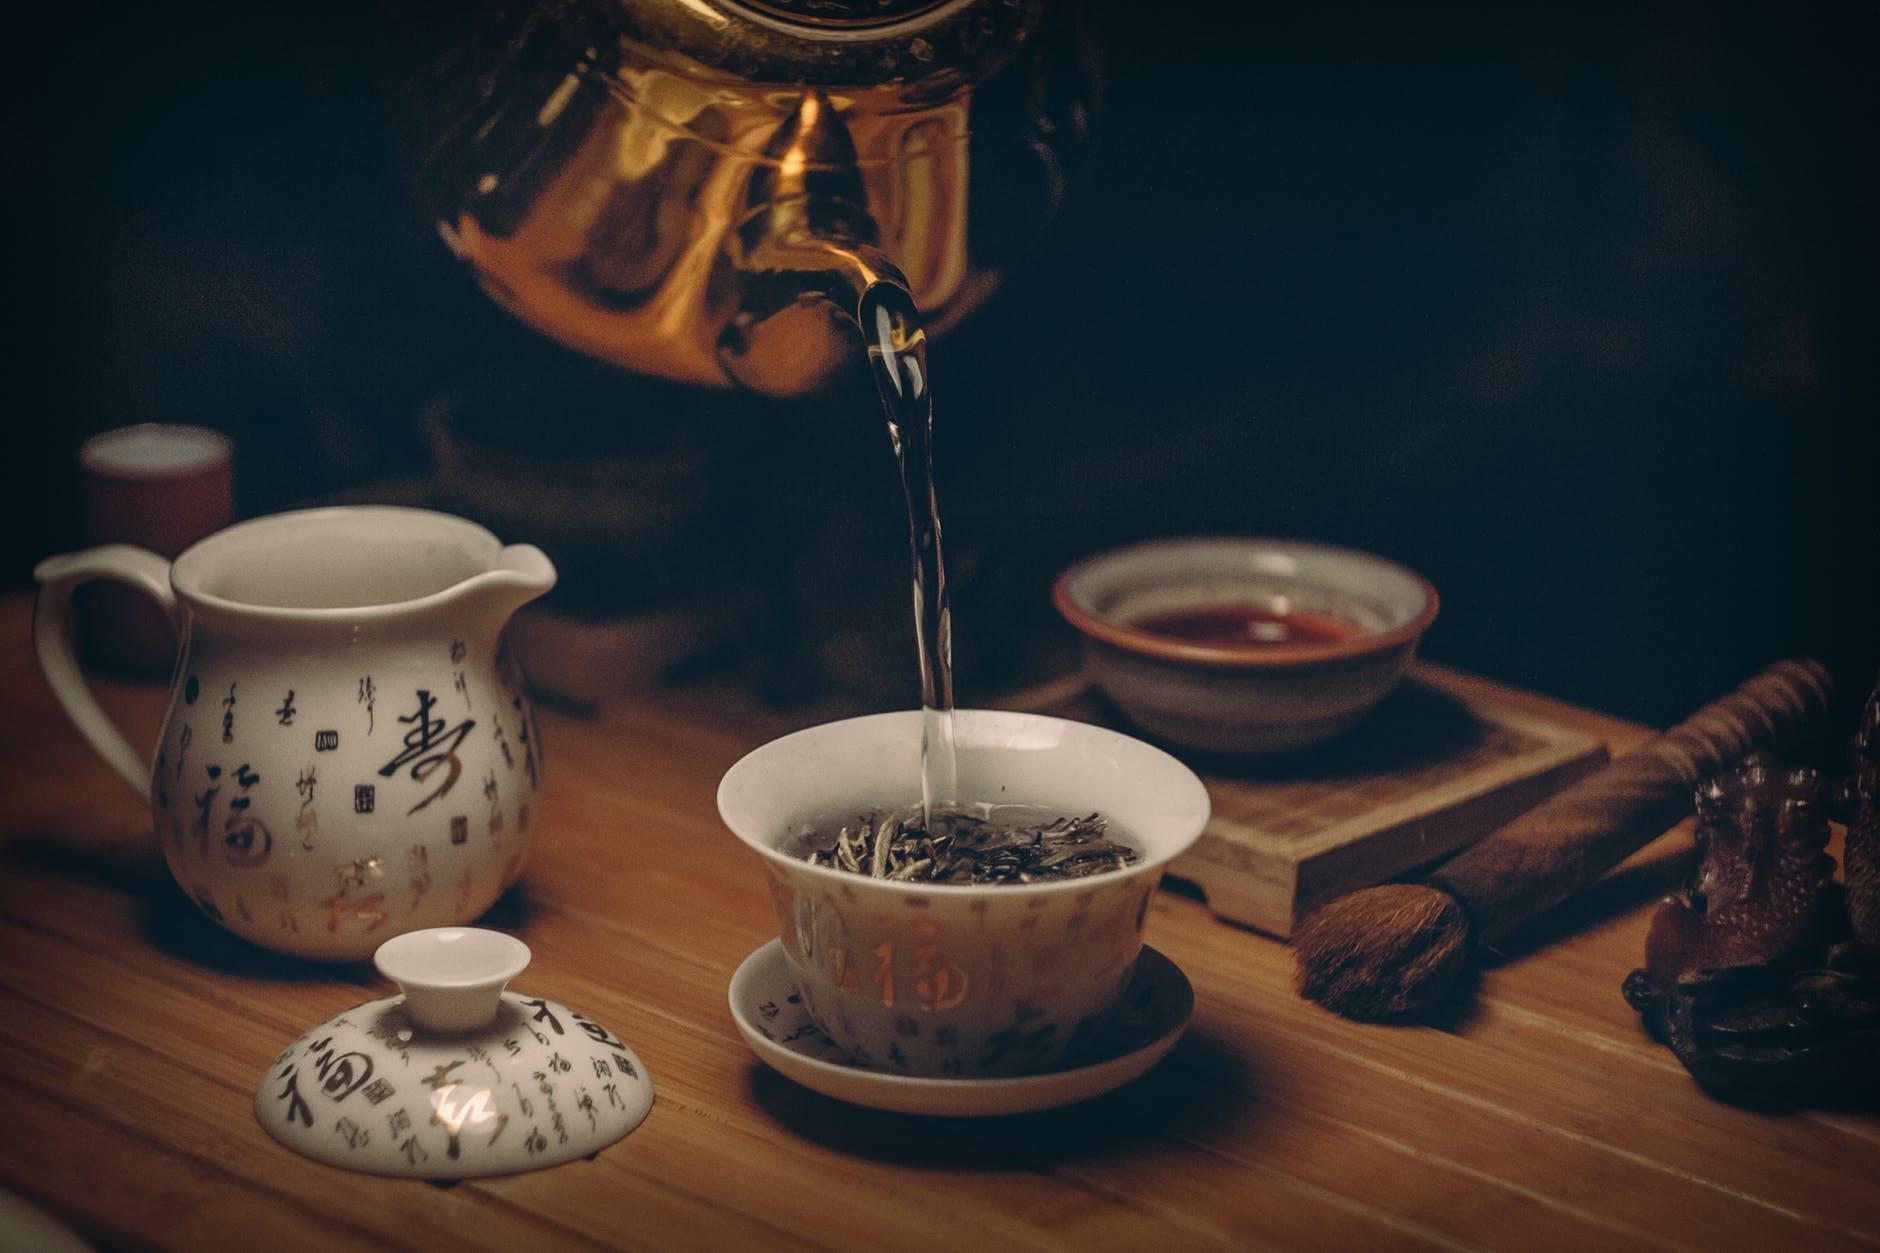 Ceai de galbenele. Care sunt beneficiile pentru sanatate?